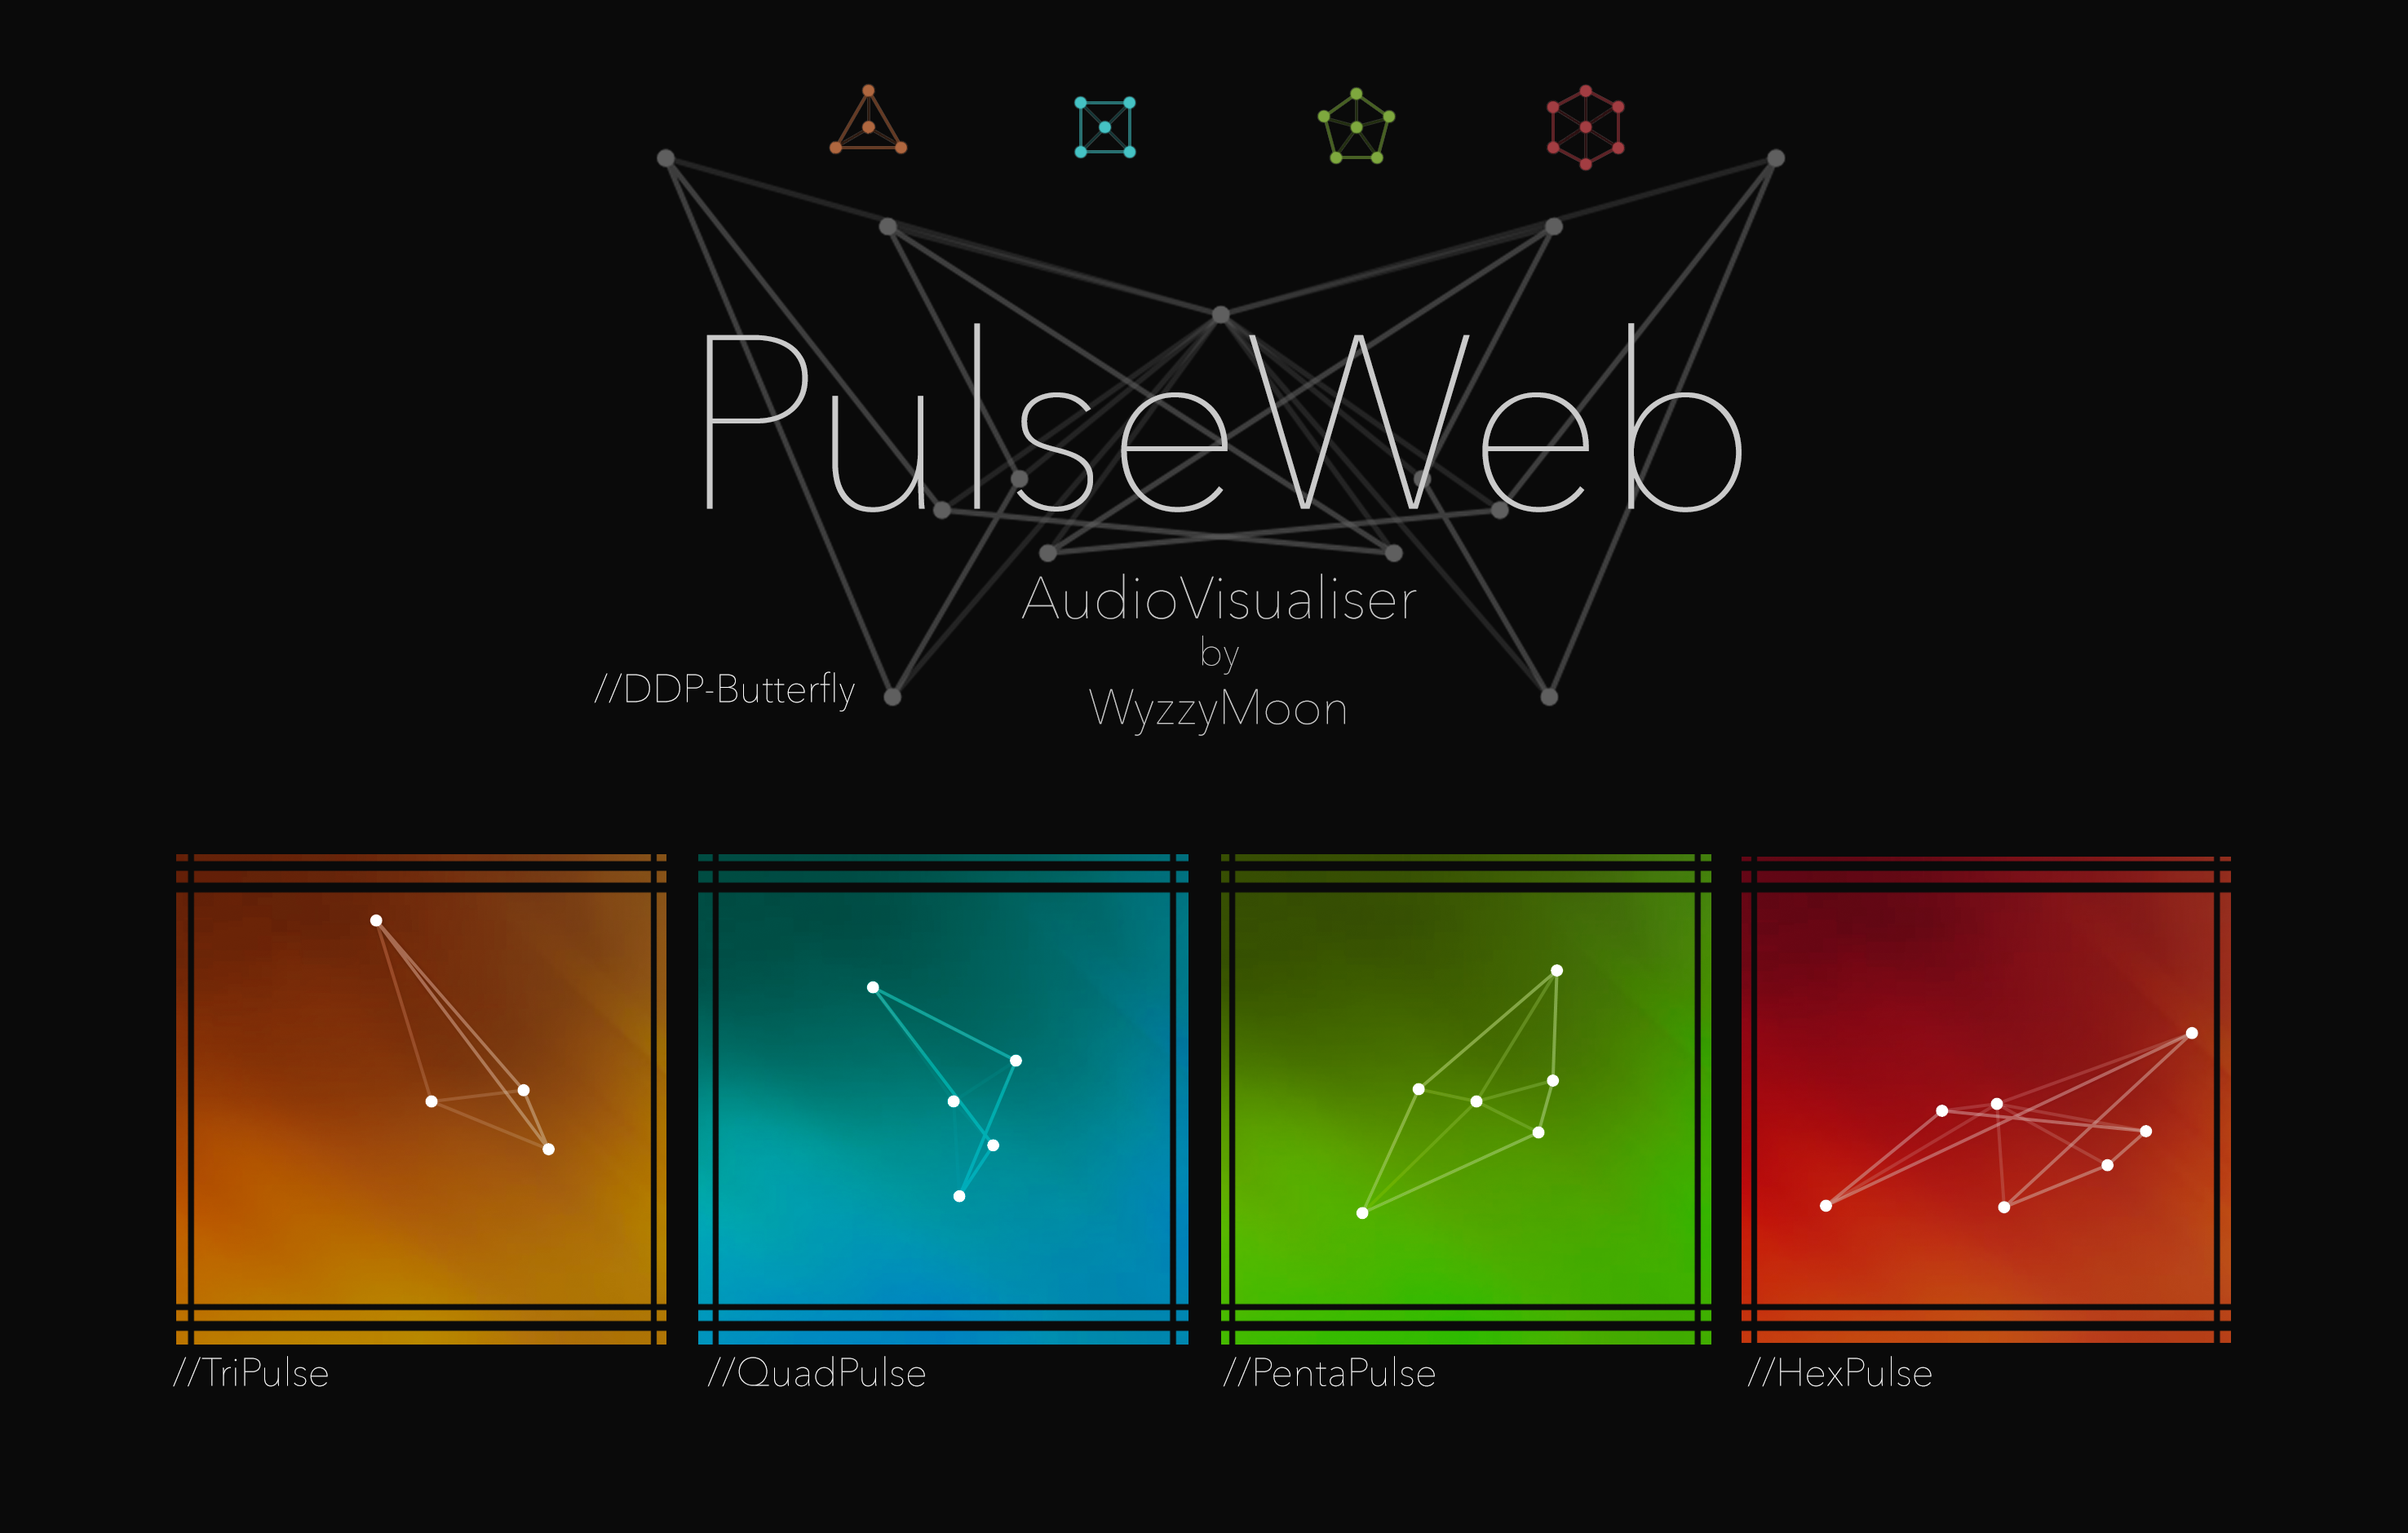 PulseWeb Audio Visualizer by WyzzyMoon